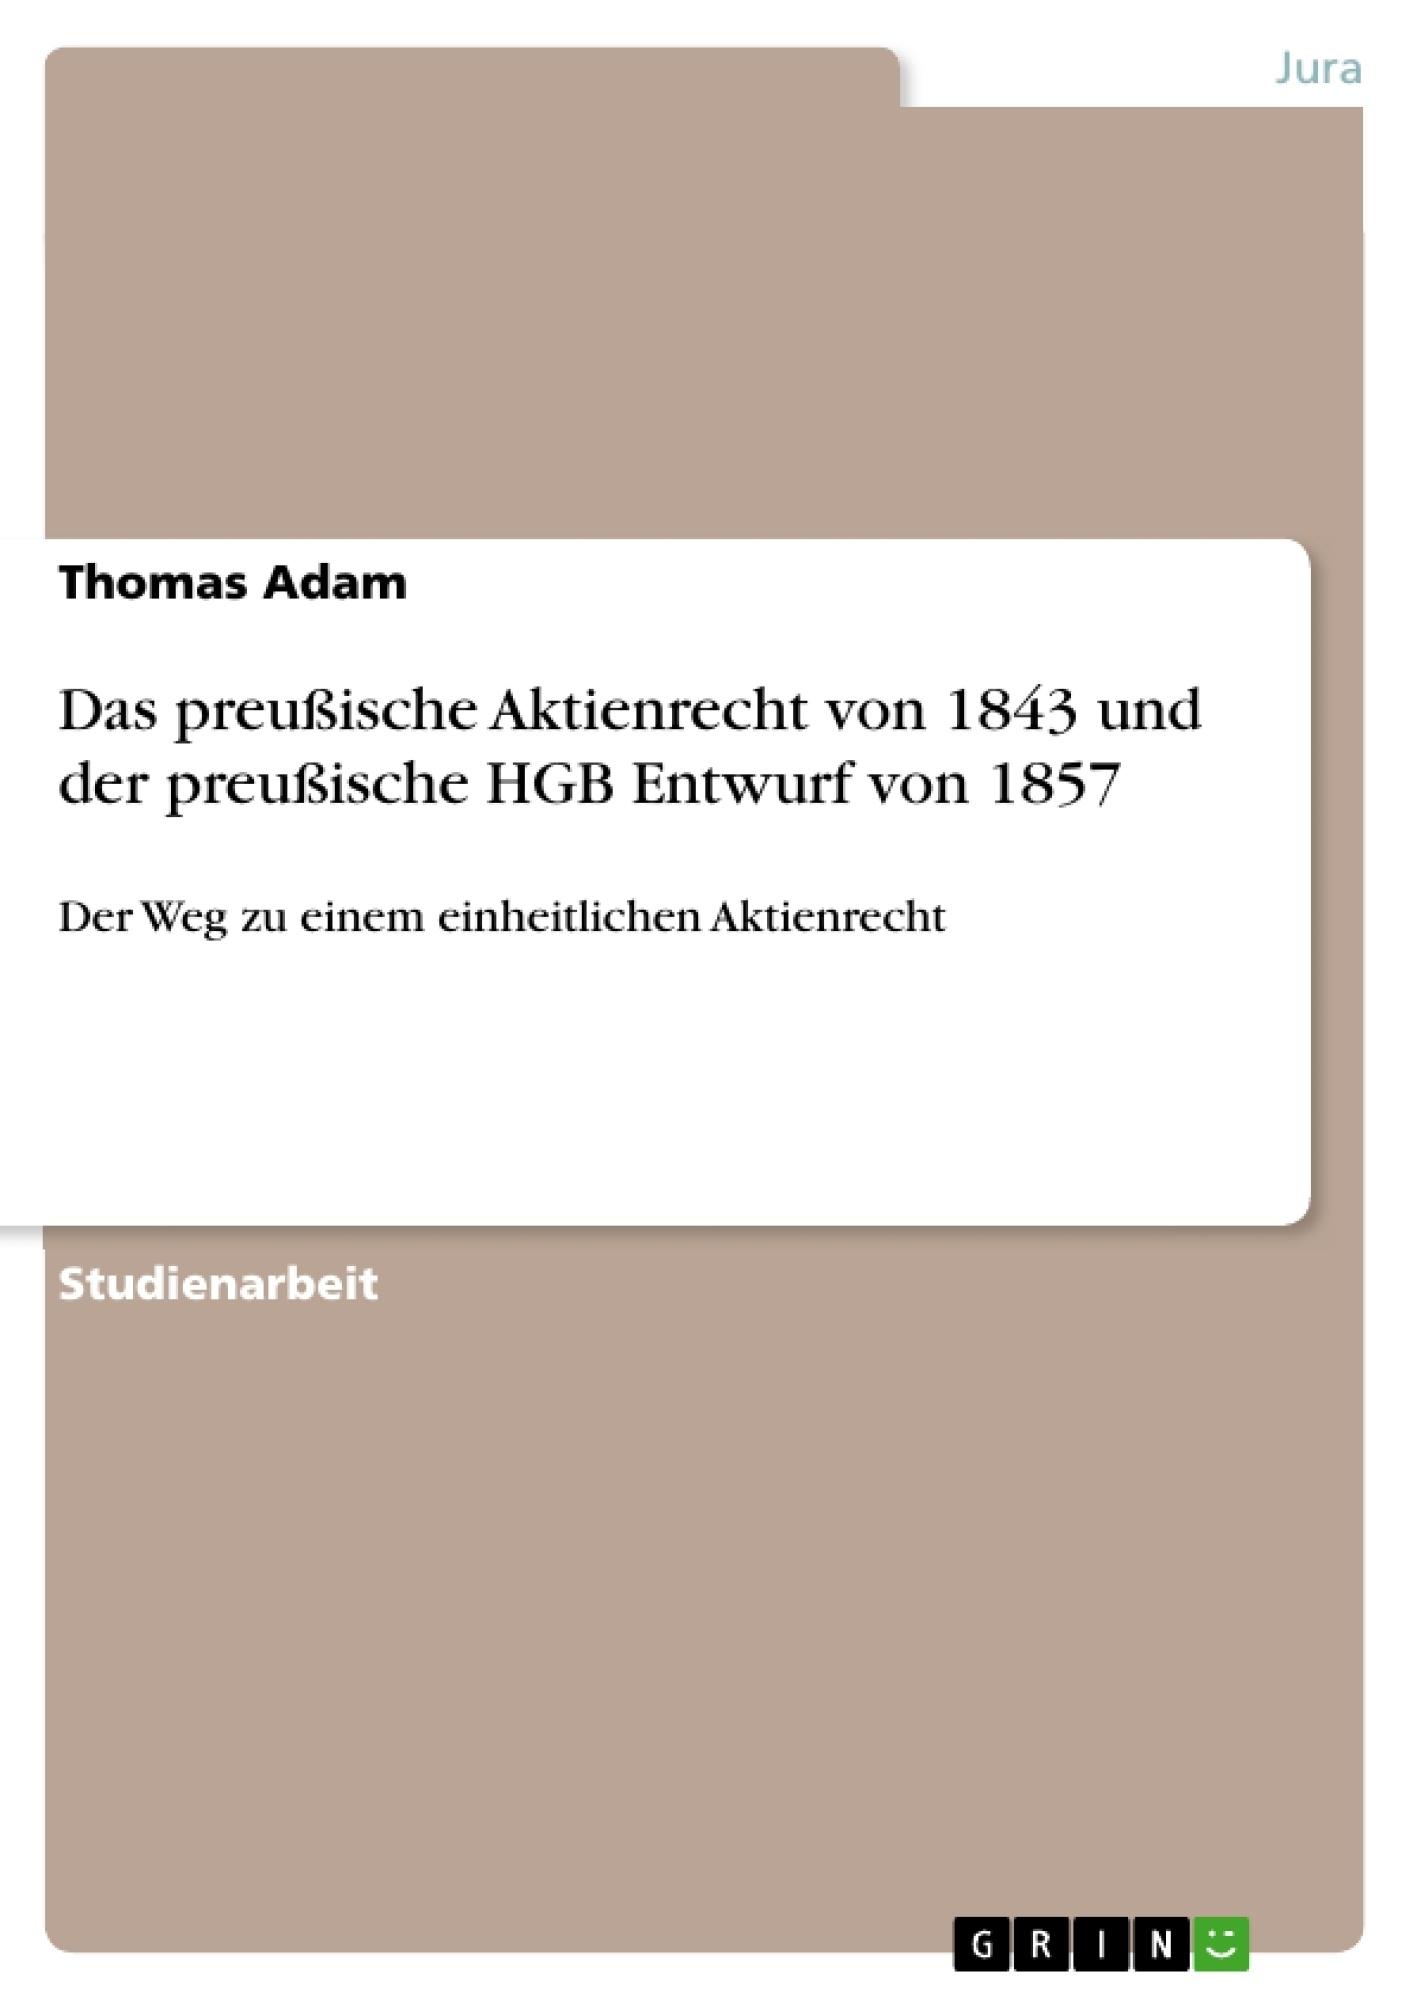 Titel: Das preußische Aktienrecht von 1843 und der preußische HGB Entwurf von 1857